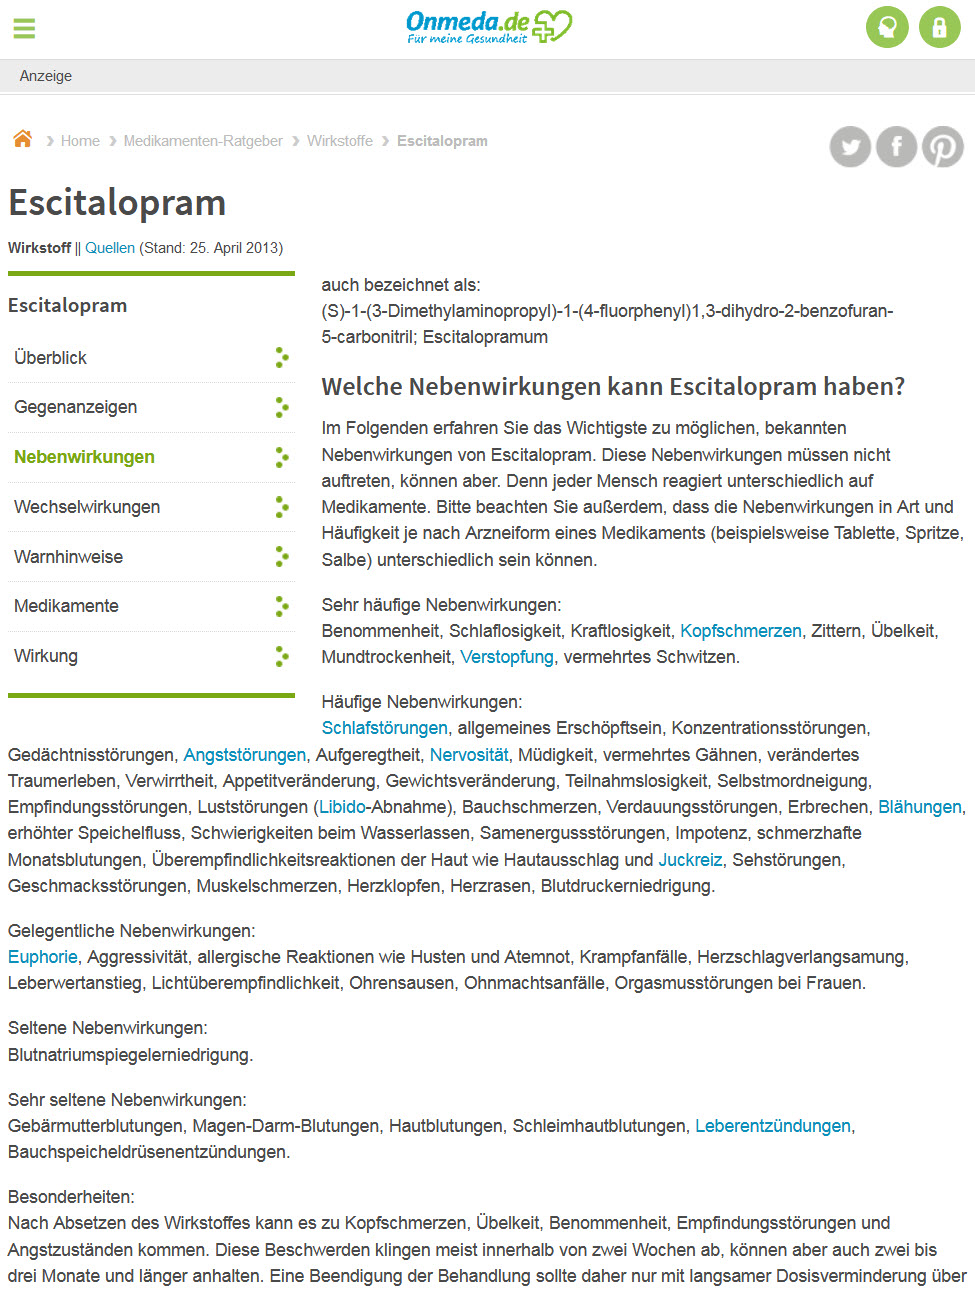 Das Medizinportal Onmeda berichtet ebenfalls seriös und ausführlich über mögliche und häufige Escitalopram Nebenwirkungen (Screenshot 06.03.2018)